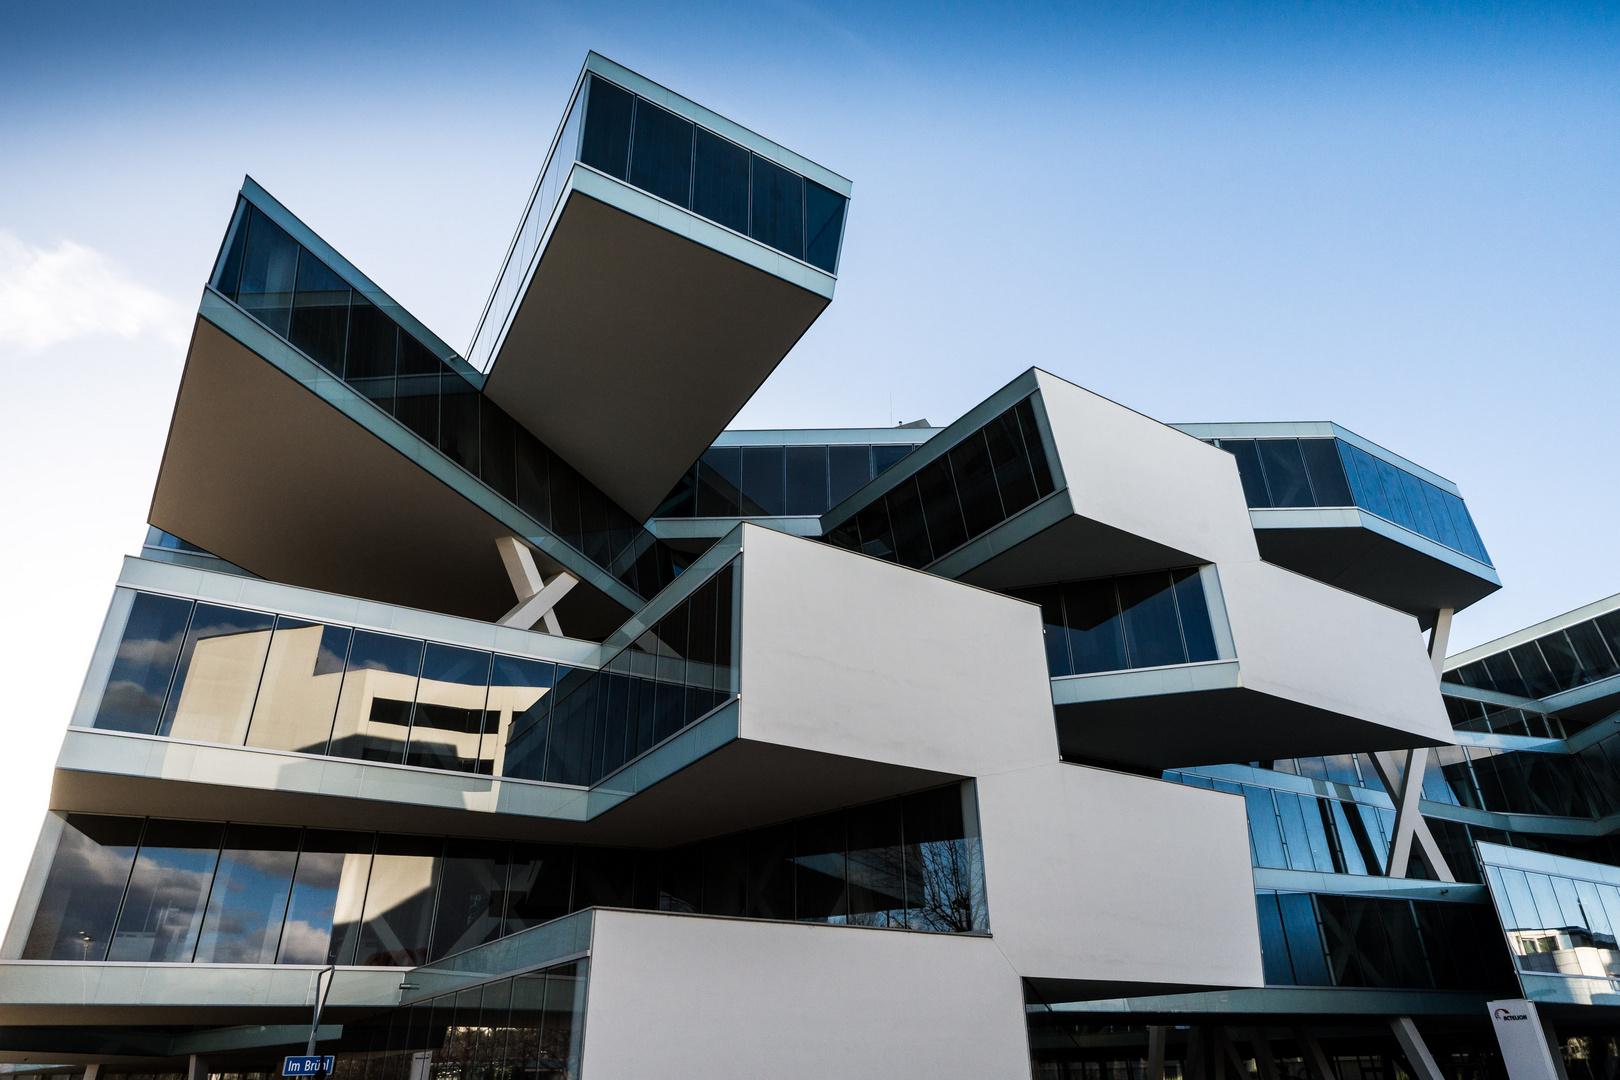 Moderne Architektur Foto & Bild | architektur, profanbauten ...